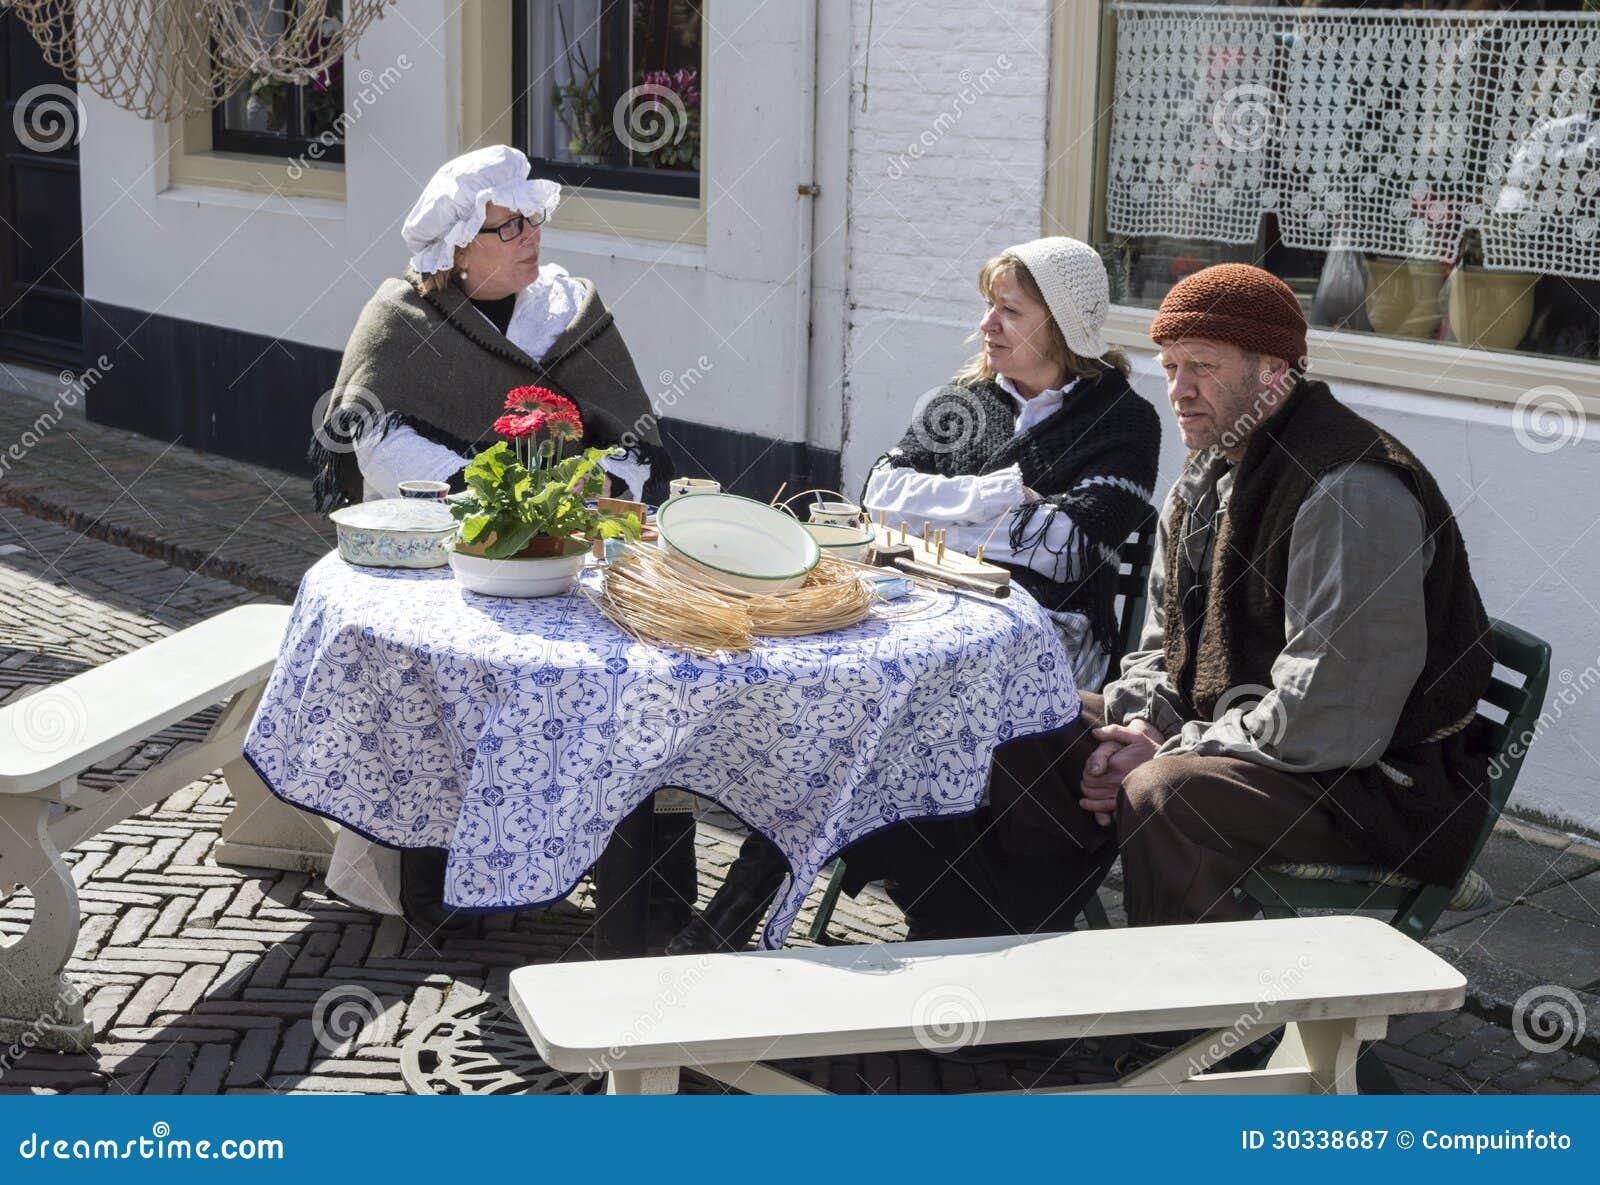 传统服装的人们在街道